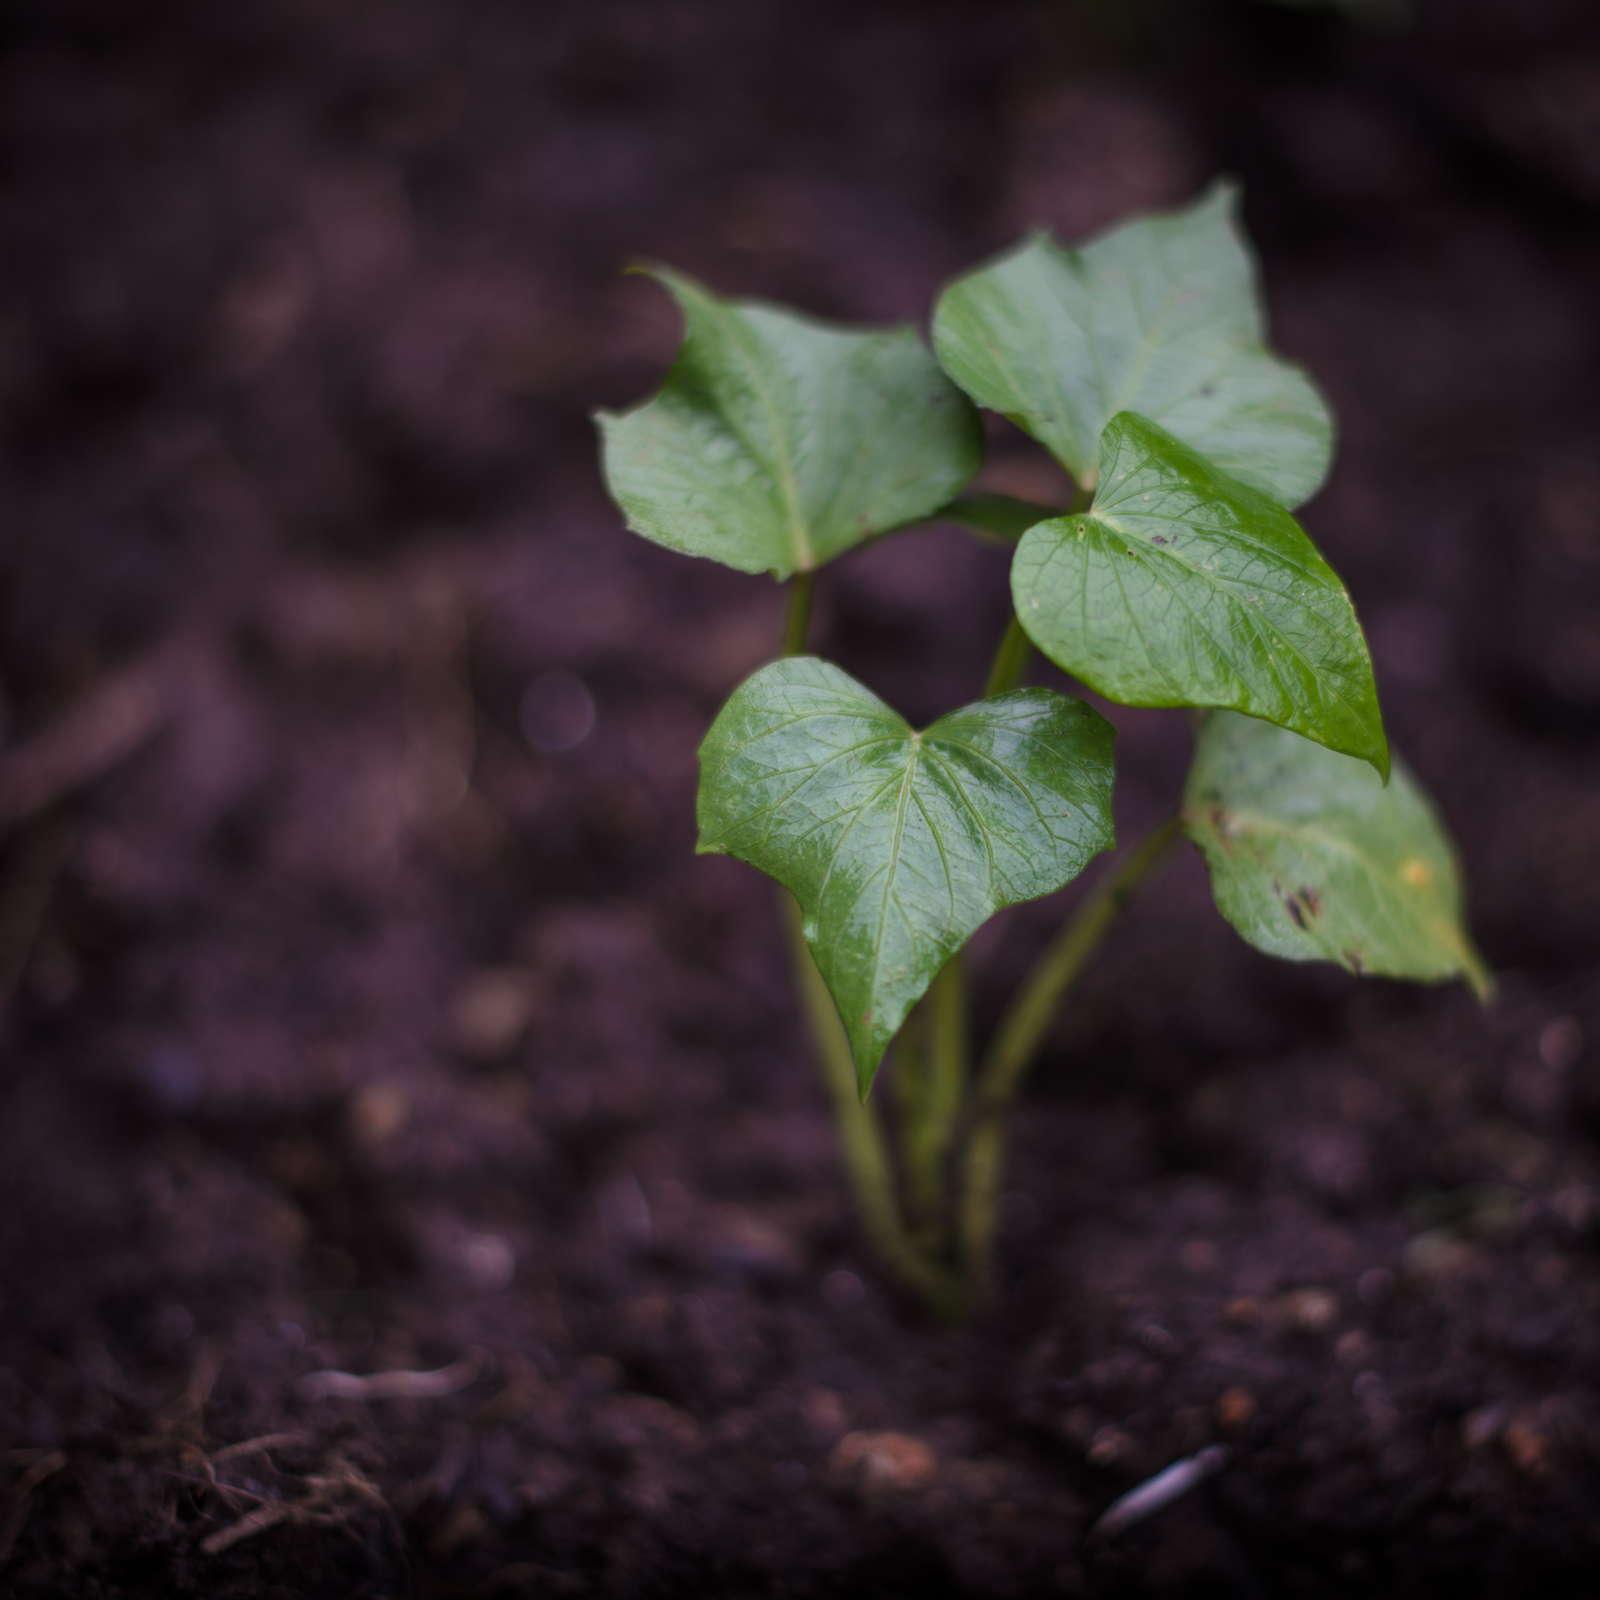 s kartoffel anbauen infos zu jungpflanzen sorten und erntezeit plantura. Black Bedroom Furniture Sets. Home Design Ideas